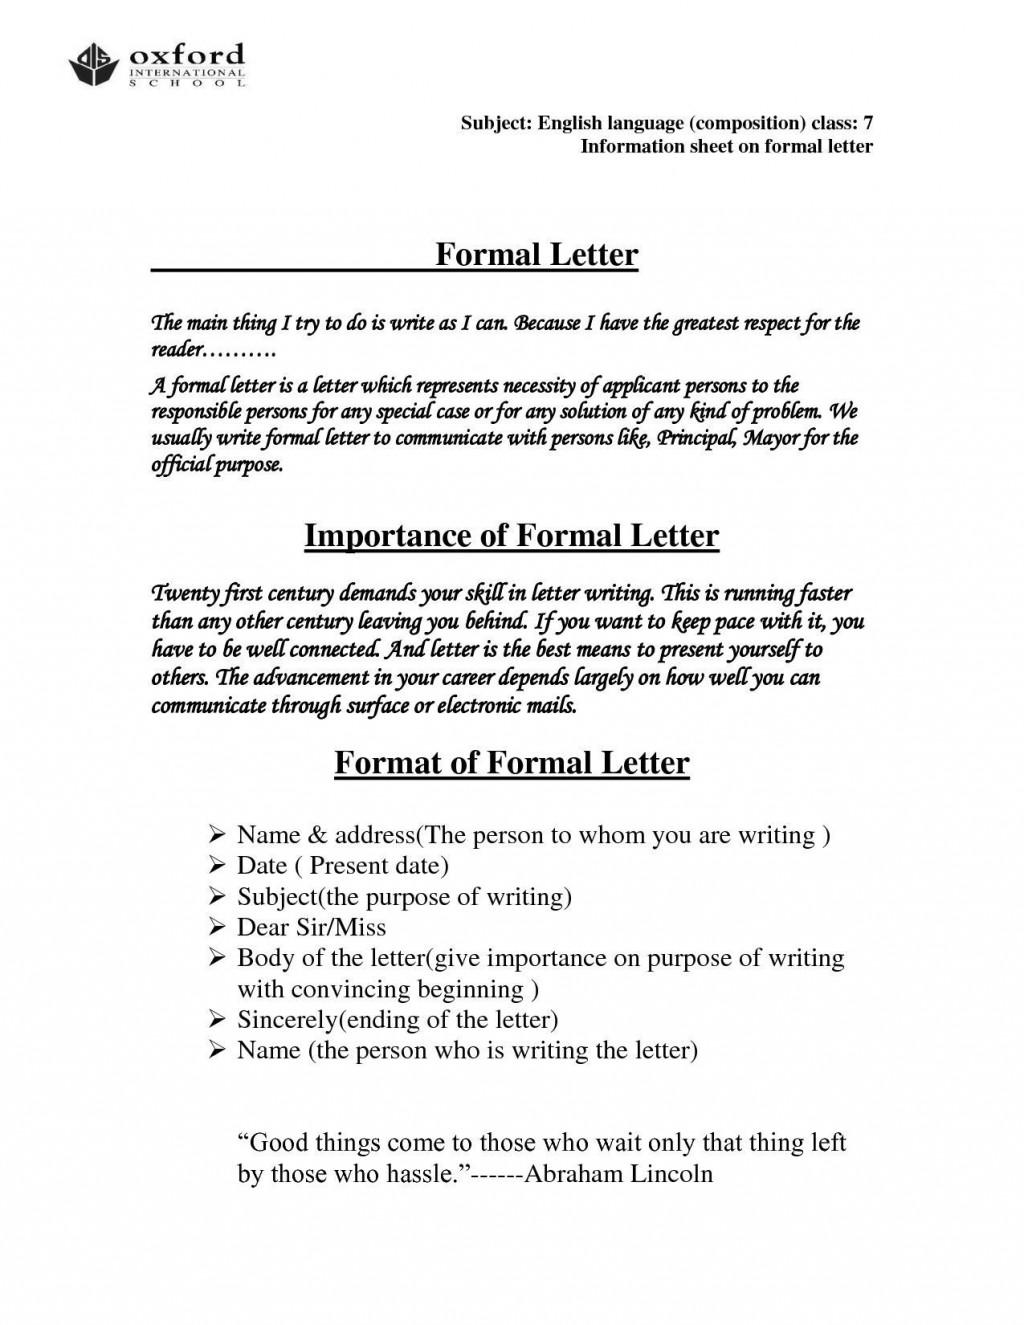 006 Shocking Hindi Letter Writing Format Pdf Free Download Inspiration Large